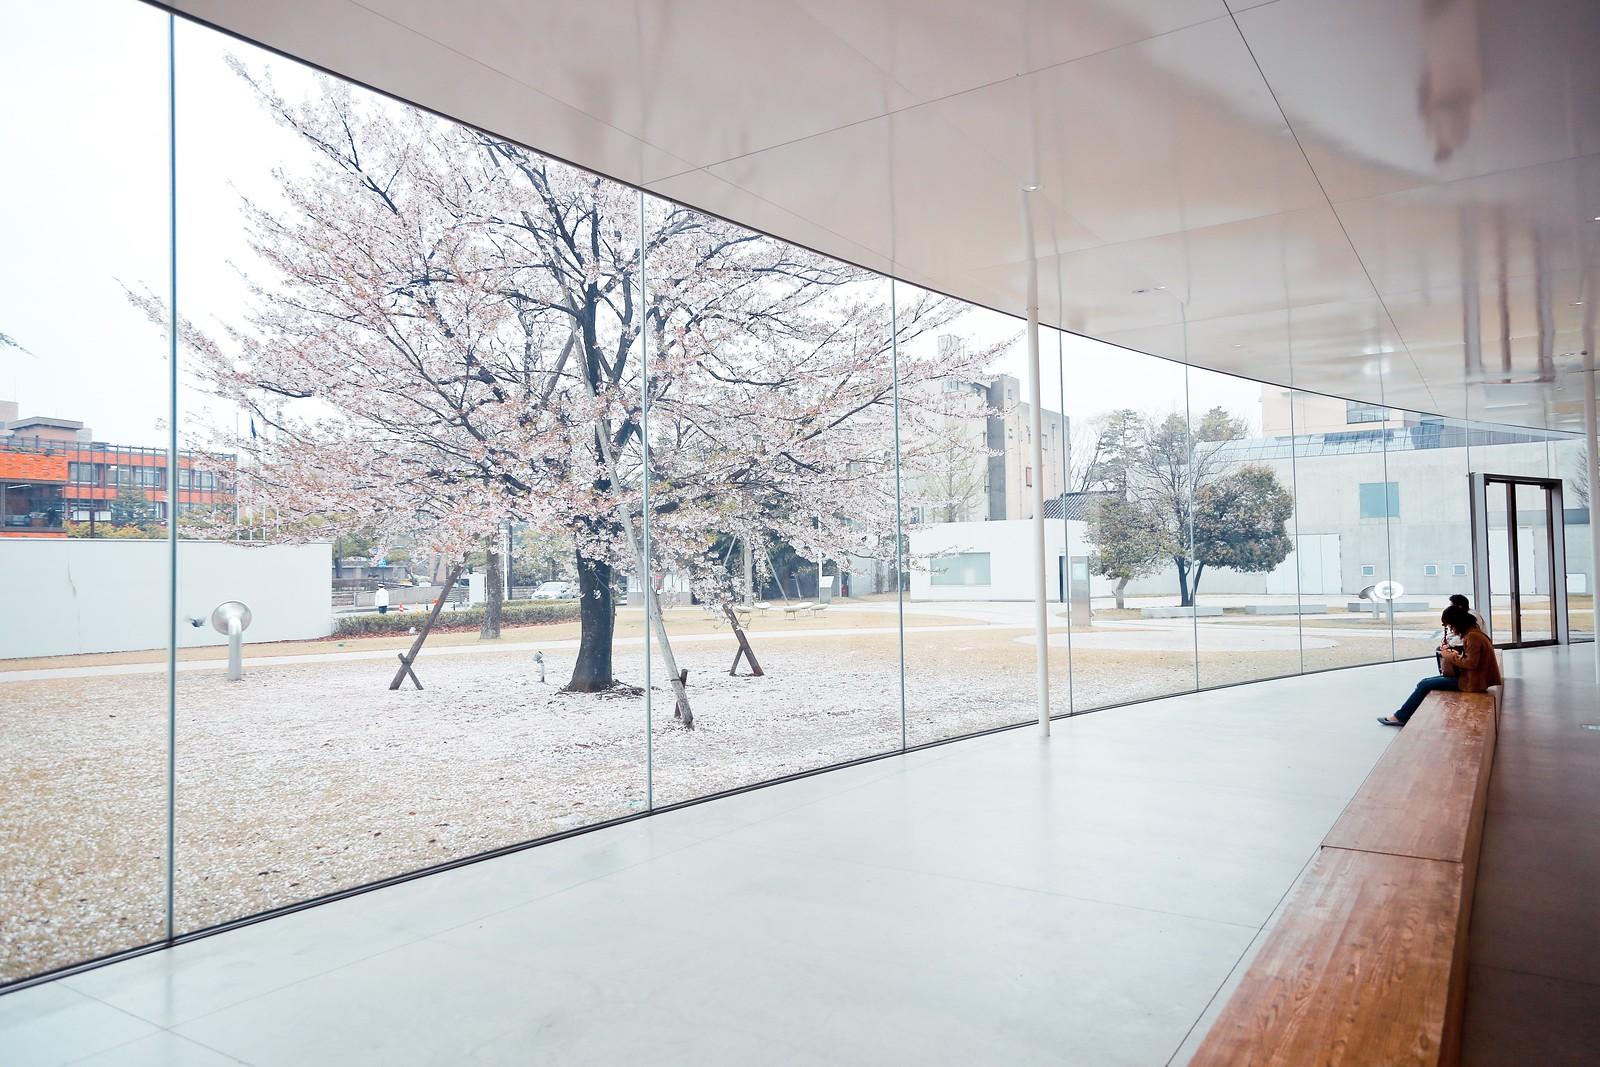 金沢21世紀美術館 (妹島和世 + 西澤立衛)